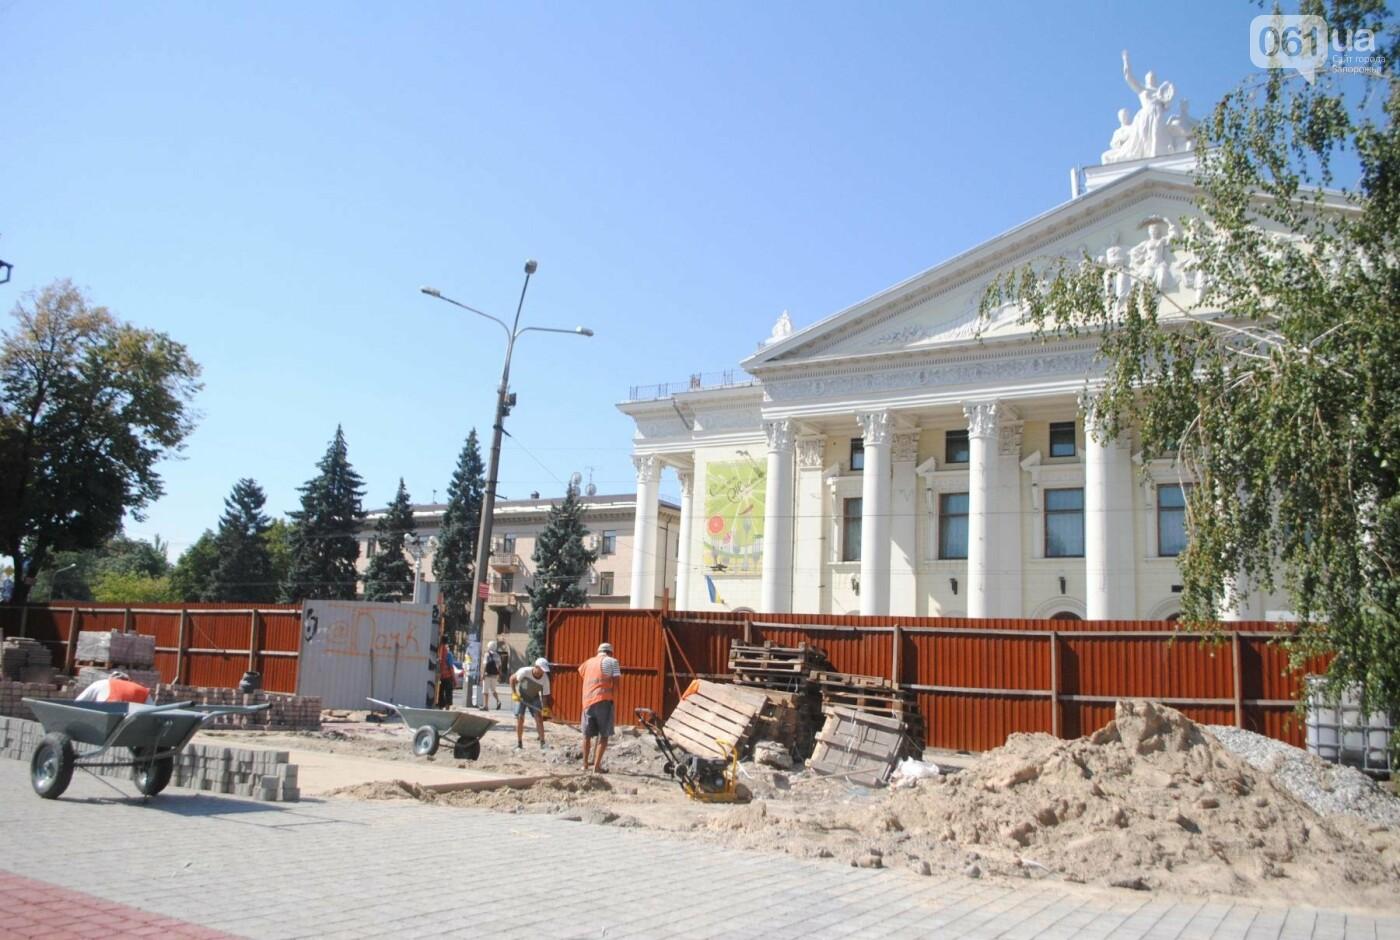 Сквер напротив театра Магара обещают открыть до Дня города, ранее обещали ко Дню Независимости — ФОТОРЕПОРТАЖ, фото-2